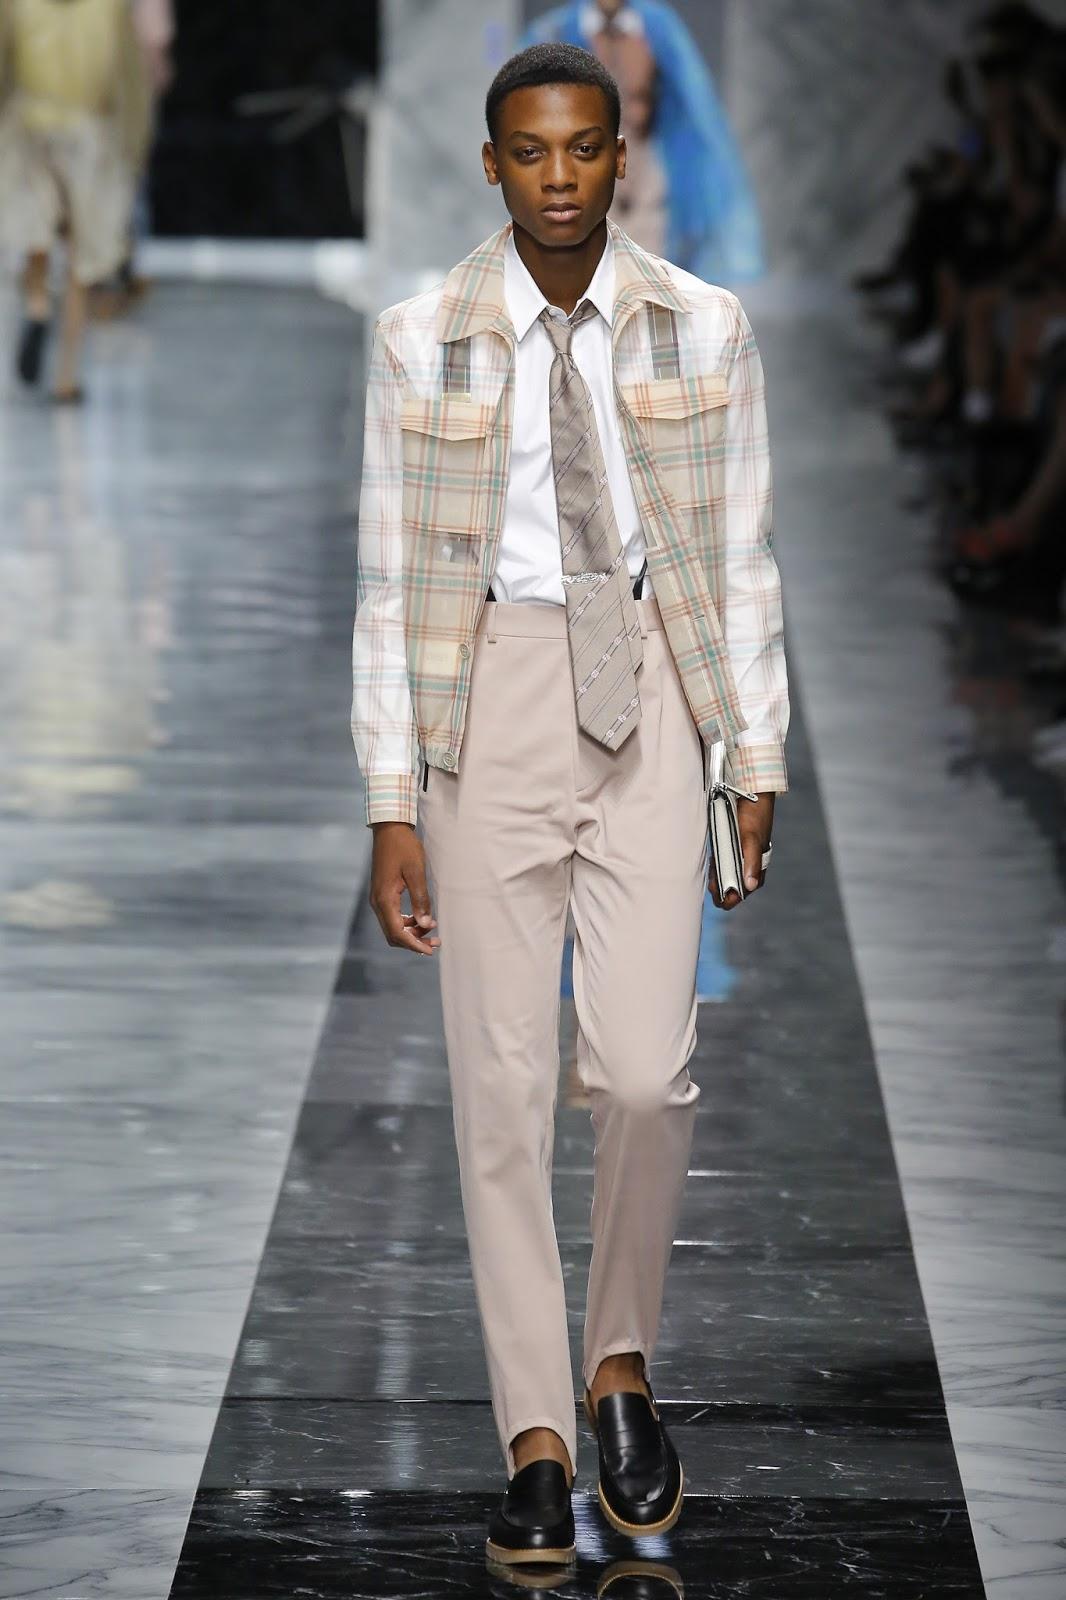 fc84d169b1775 ... strada tra American Psycho e la moda maschile anni  80. Su tutta la collezione  primavera estate 2018 torna prepotente il logo della doppia F